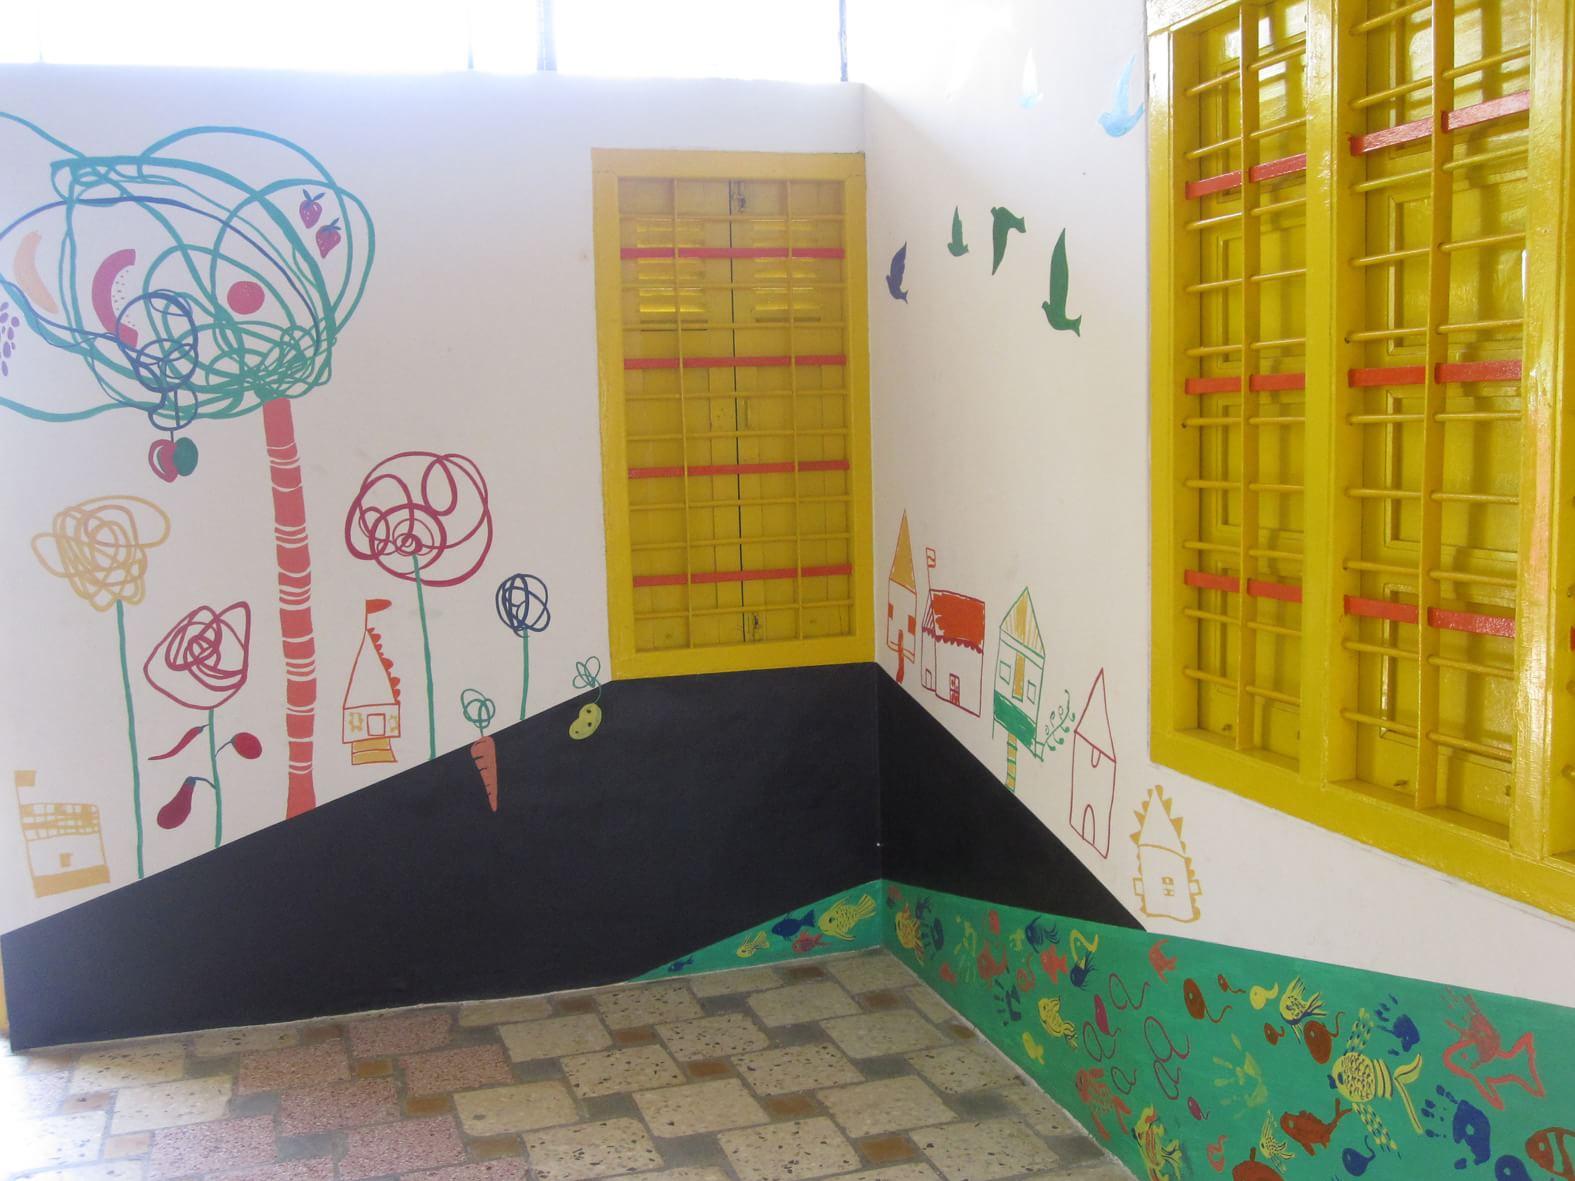 03_MS-Anganwadi_Interior-Mural.jpg